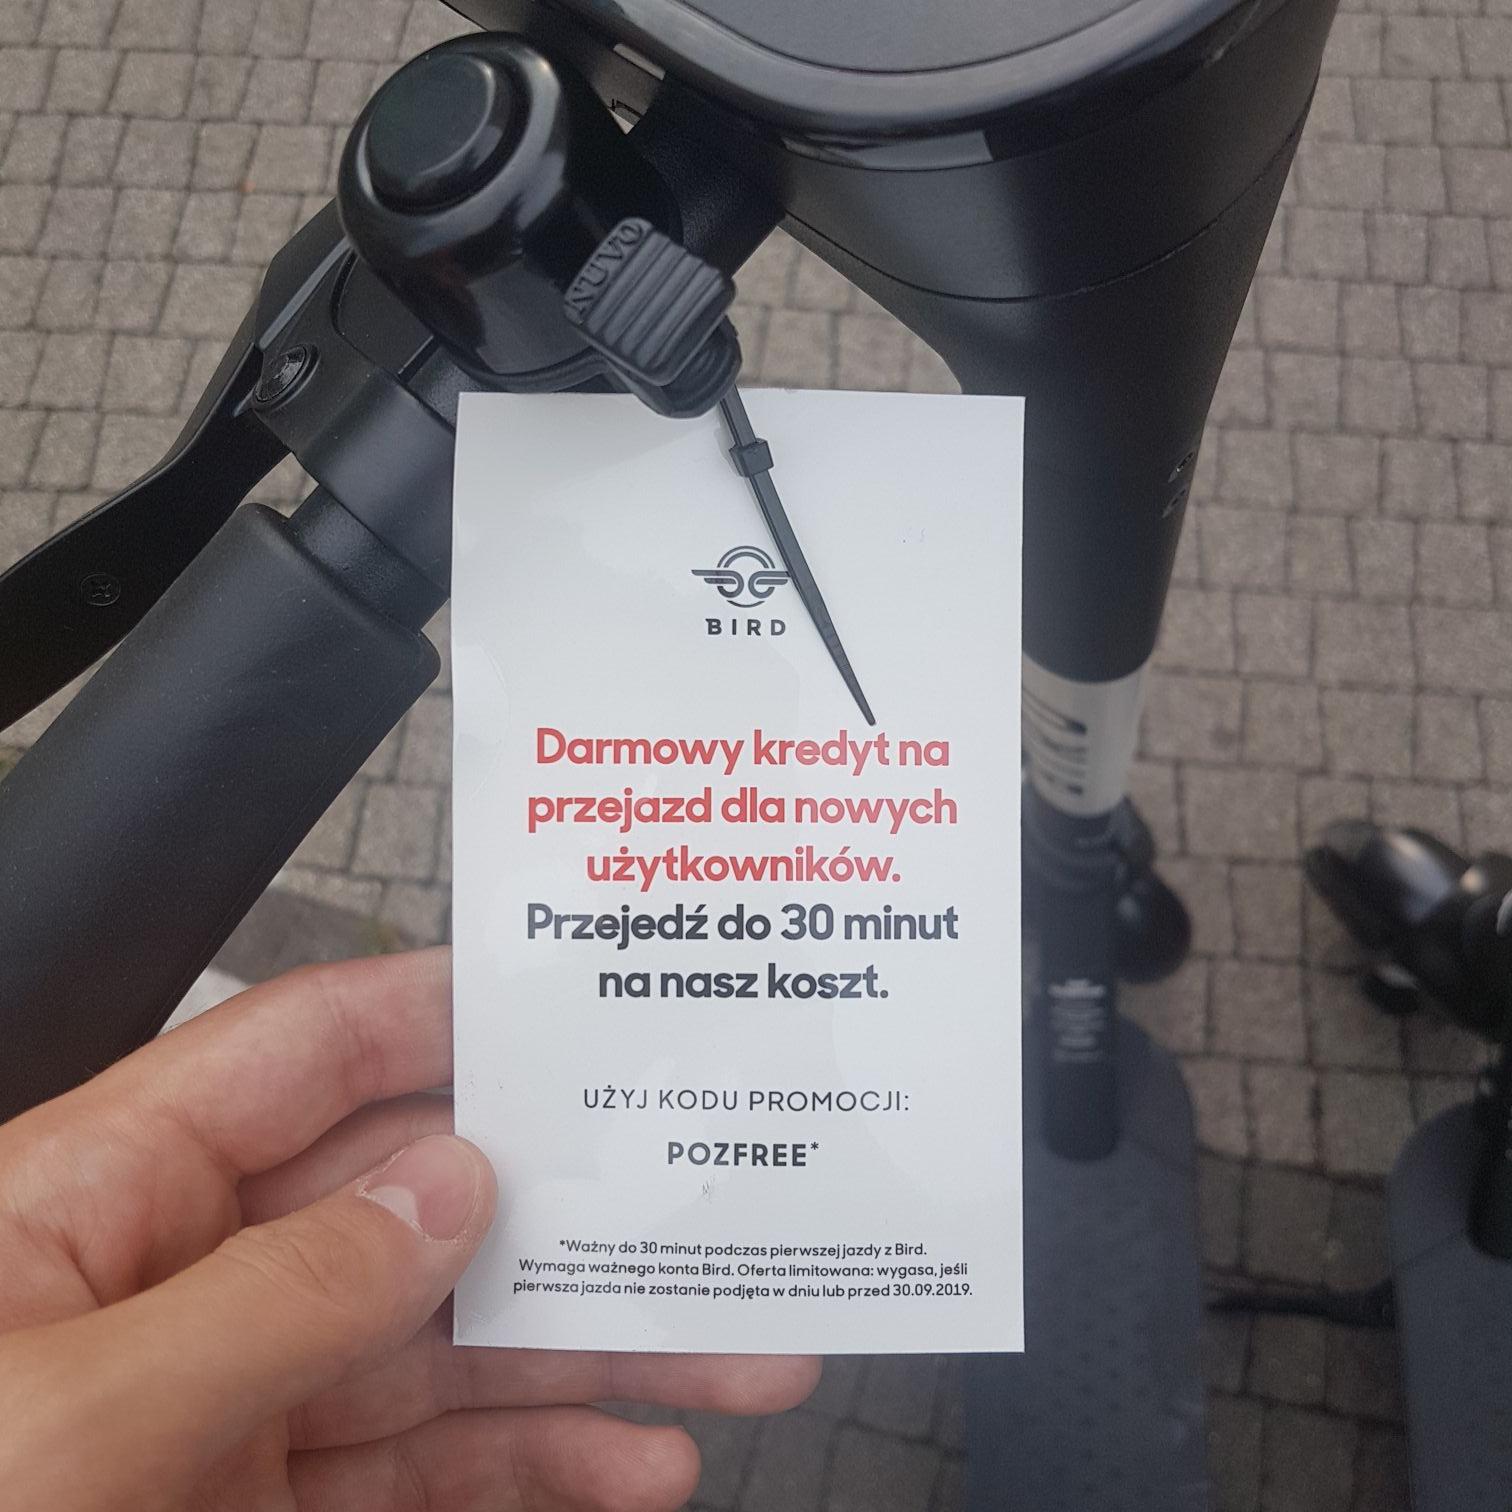 Hulajnogi Bird - darmowe 30 minut w Poznaniu